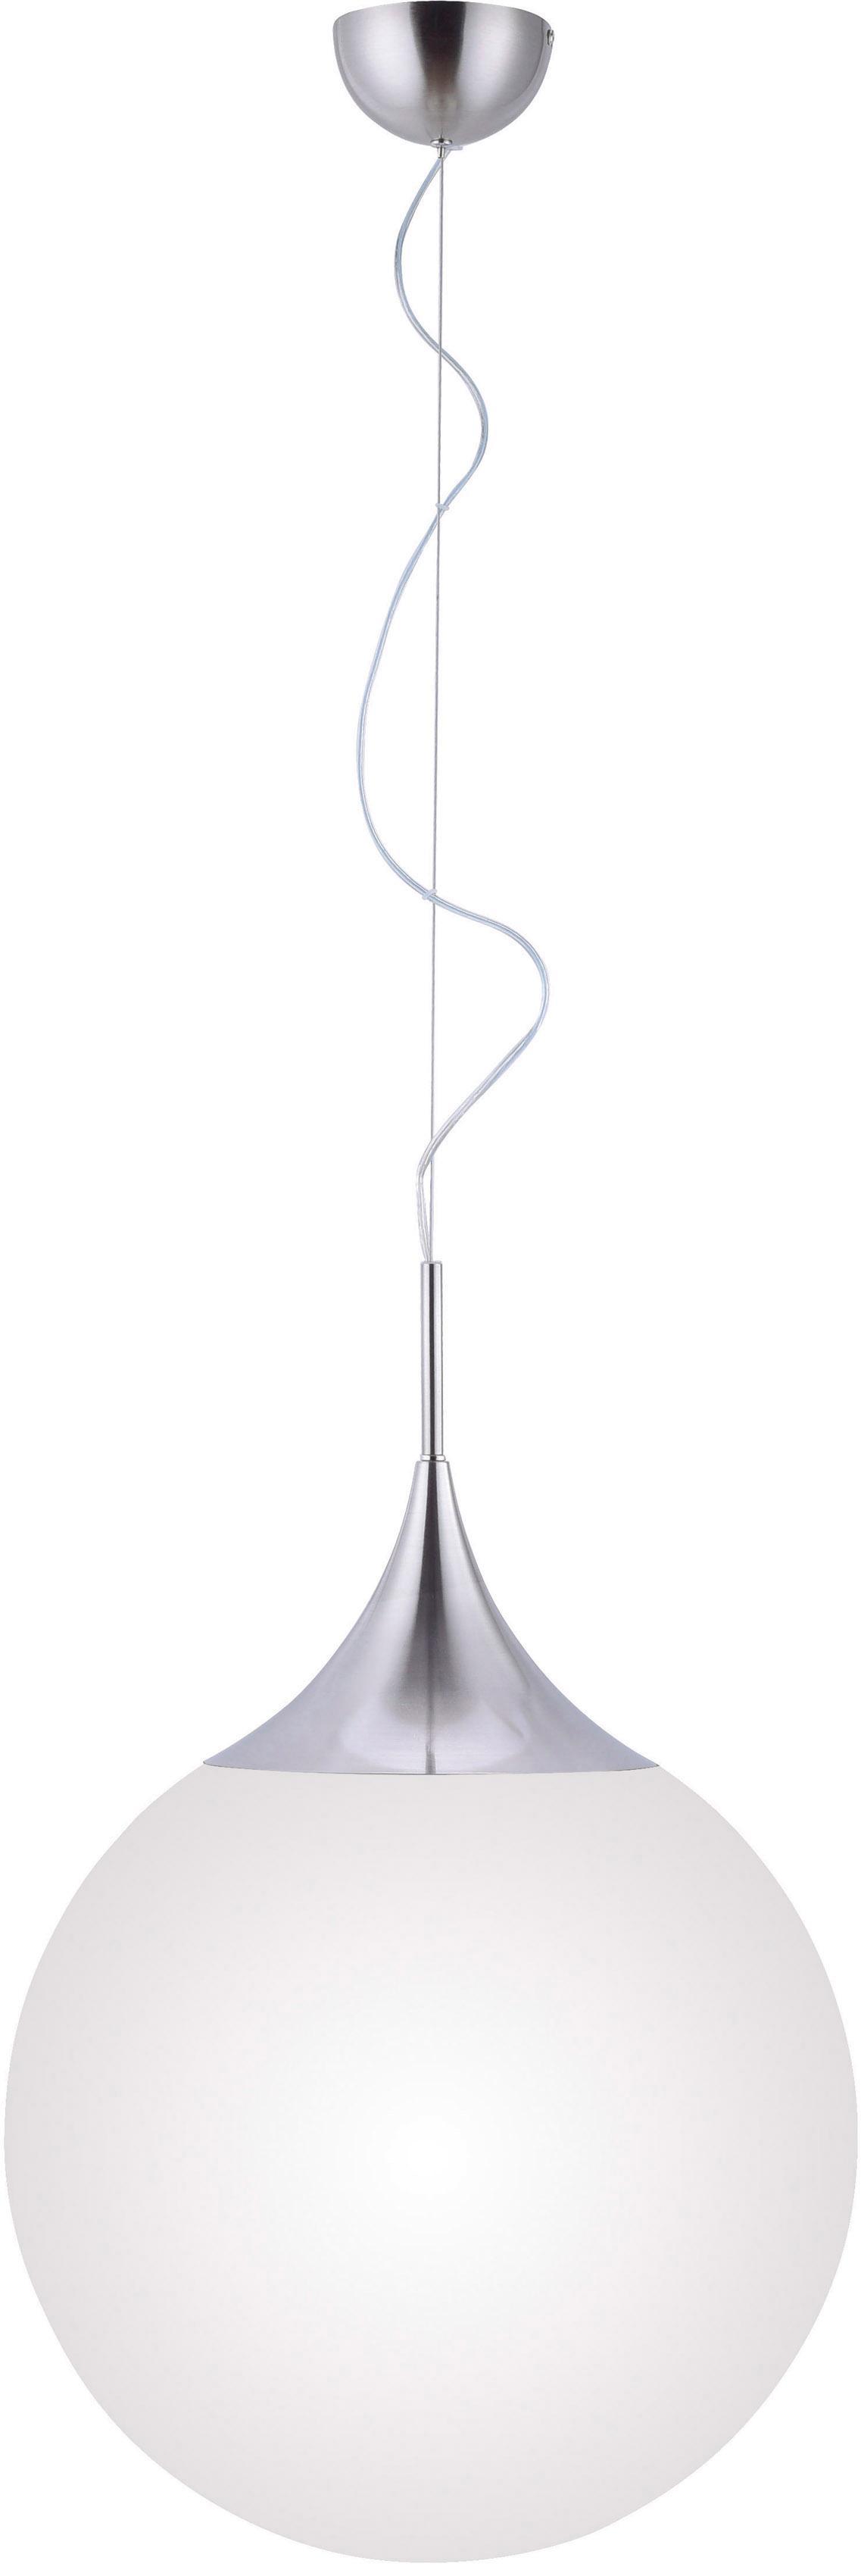 TRIO Leuchten LED Pendelleuchte DAMIAN